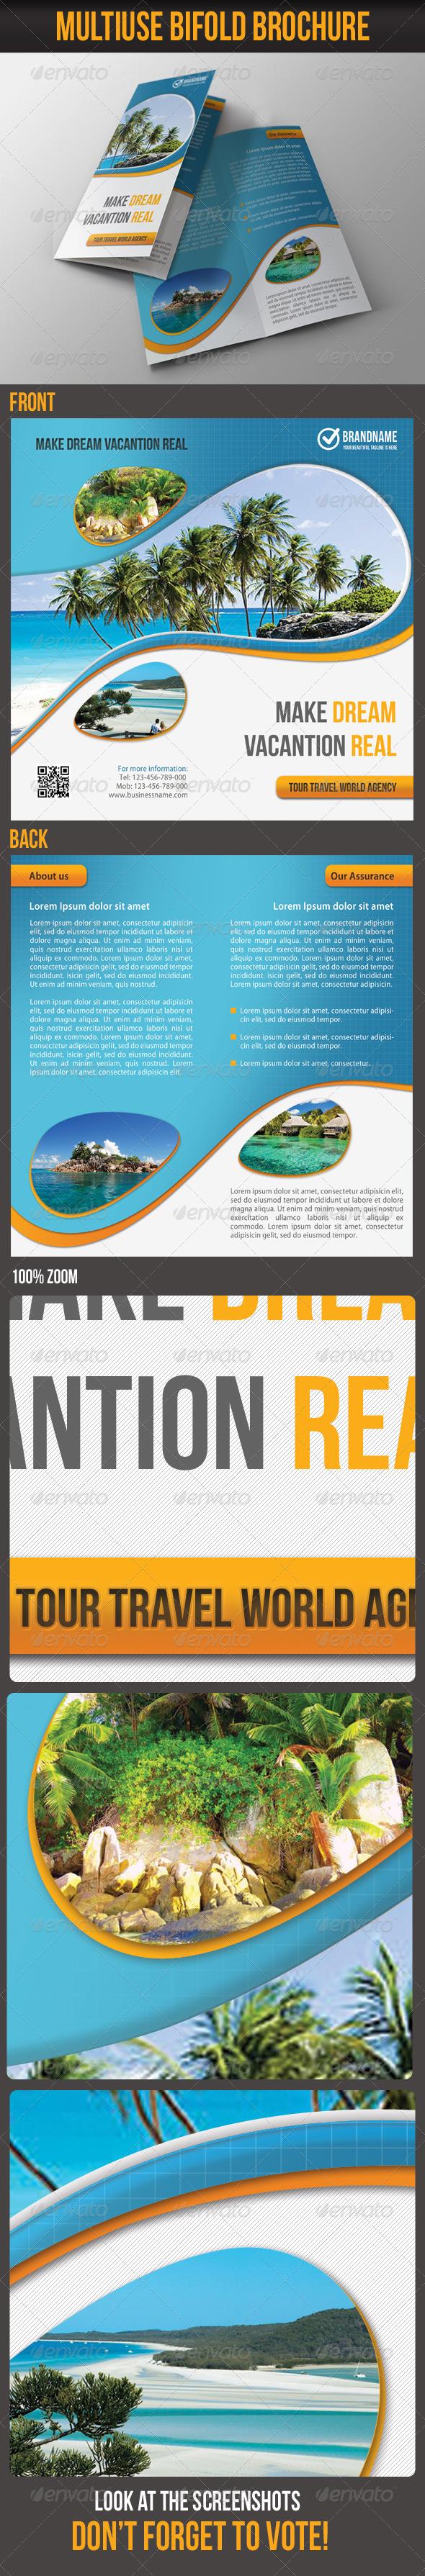 GraphicRiver Multiuse Bifold Brochure 04 6075848